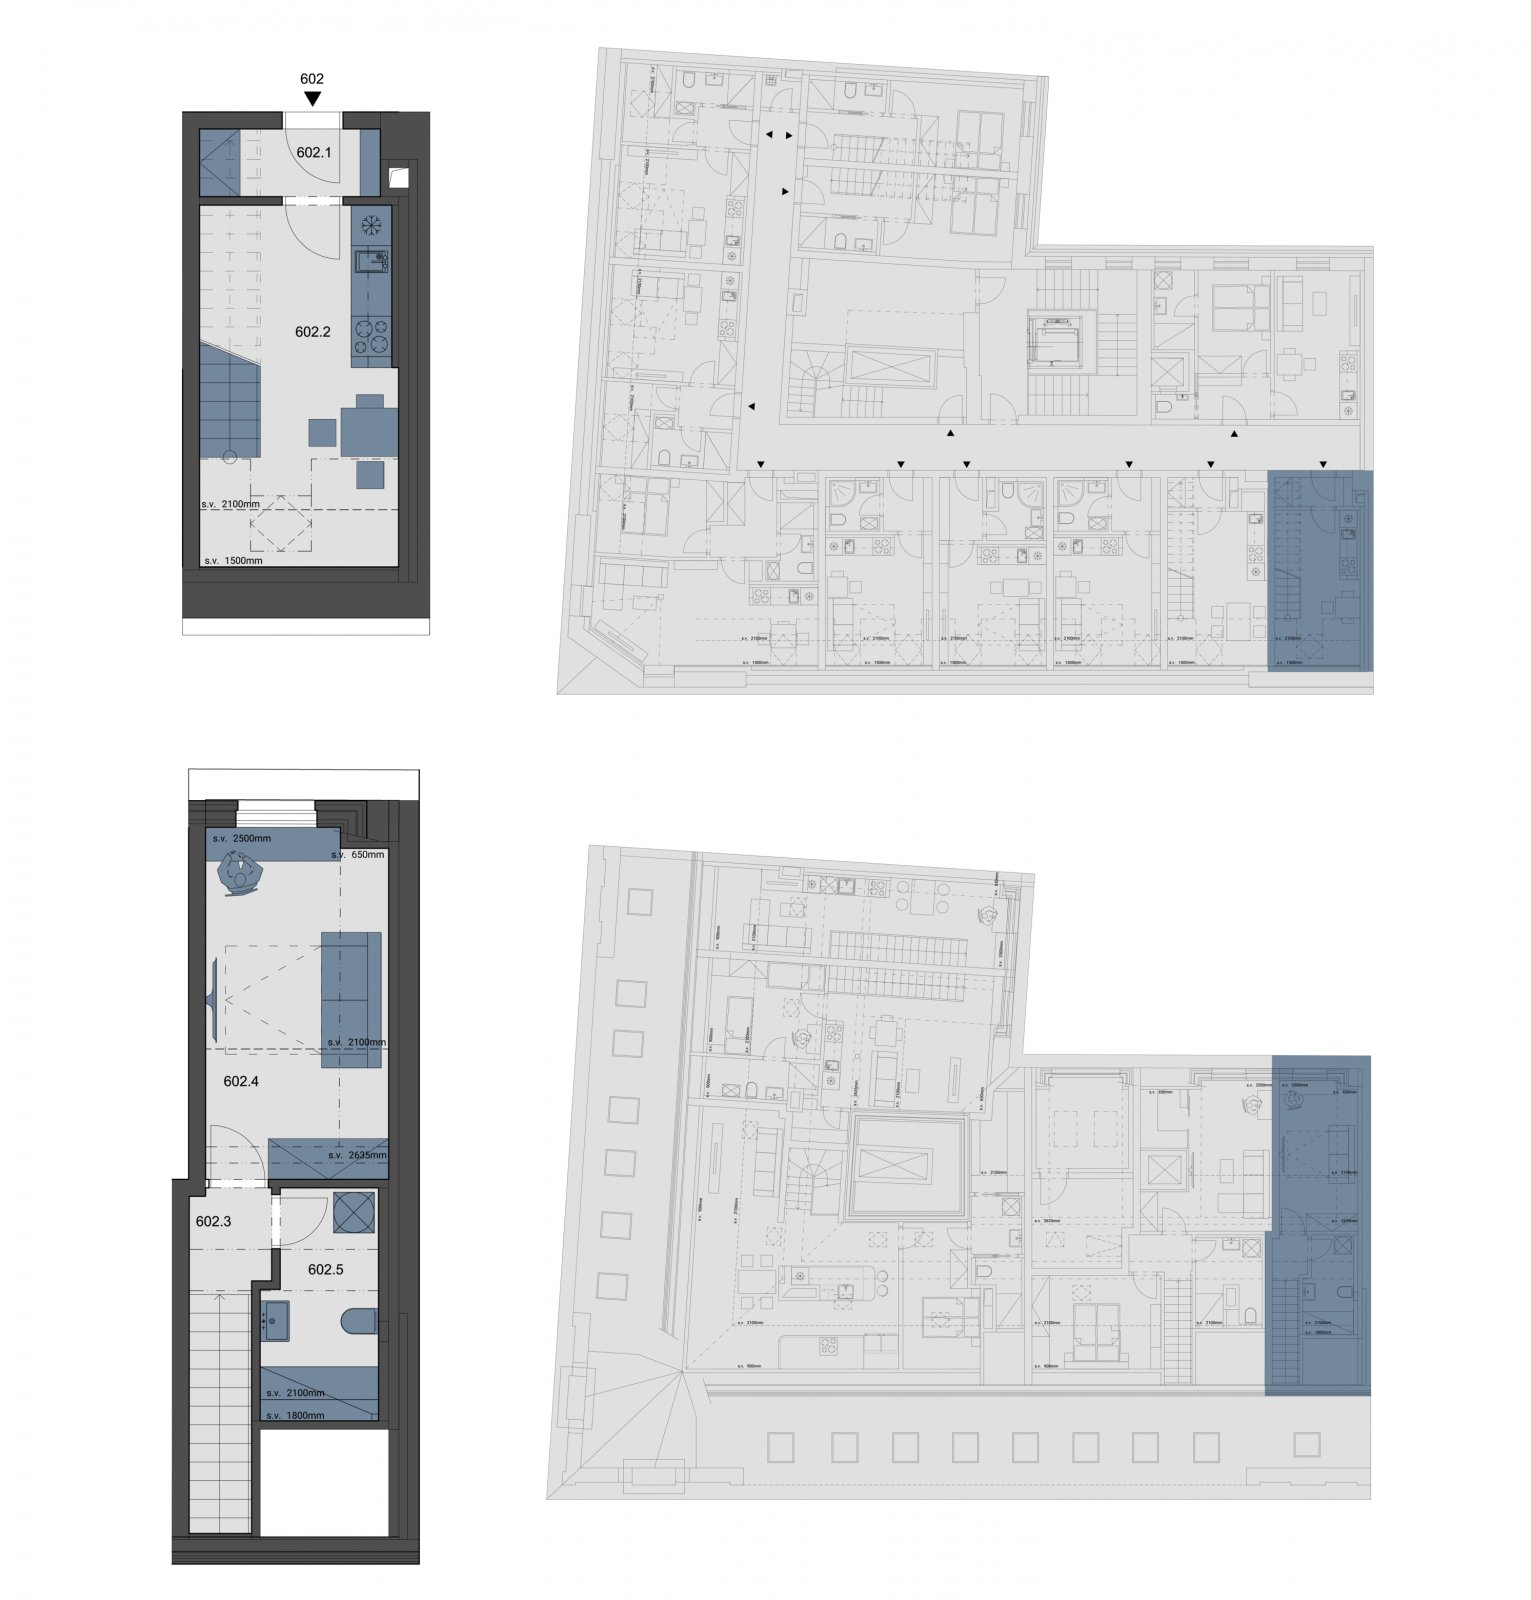 Půdorys - Půdní byt 2+kk, plocha 40 m², ulice Tyršova, Praha 2 - Nové Město